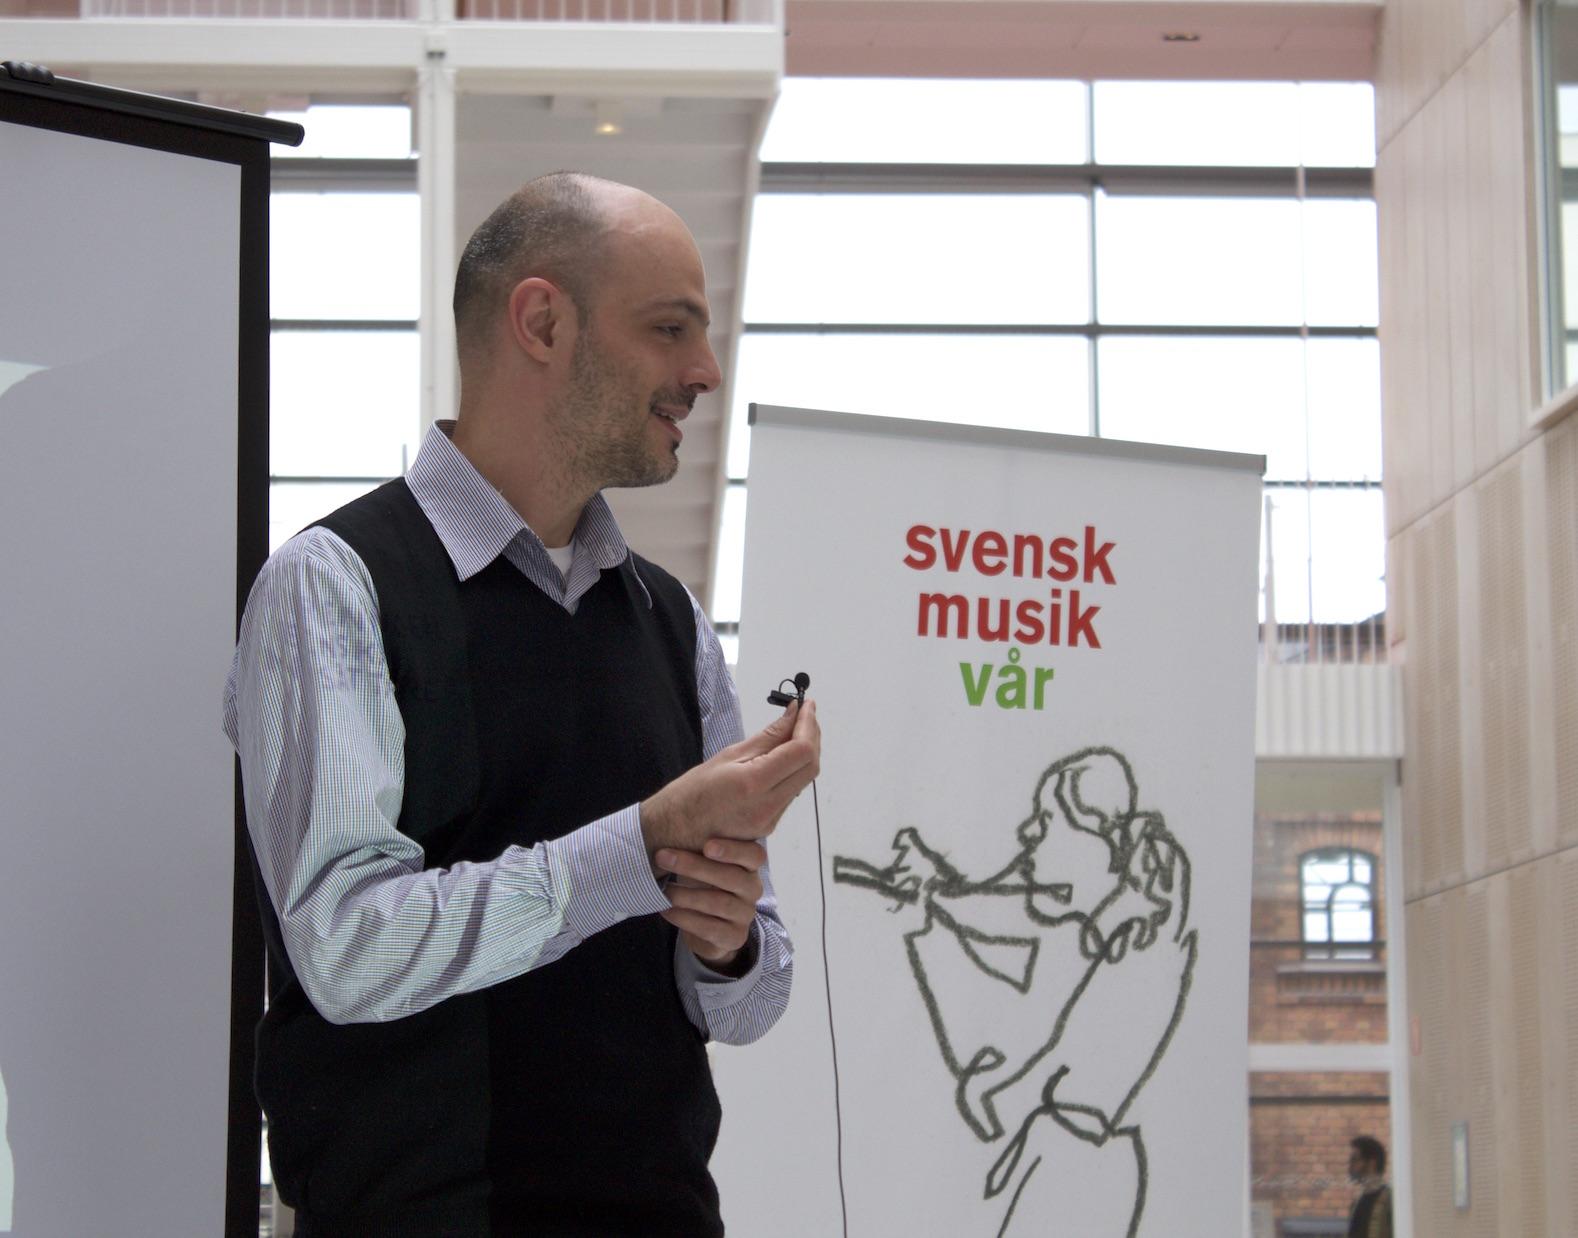 Djuro Zivkovic, composer